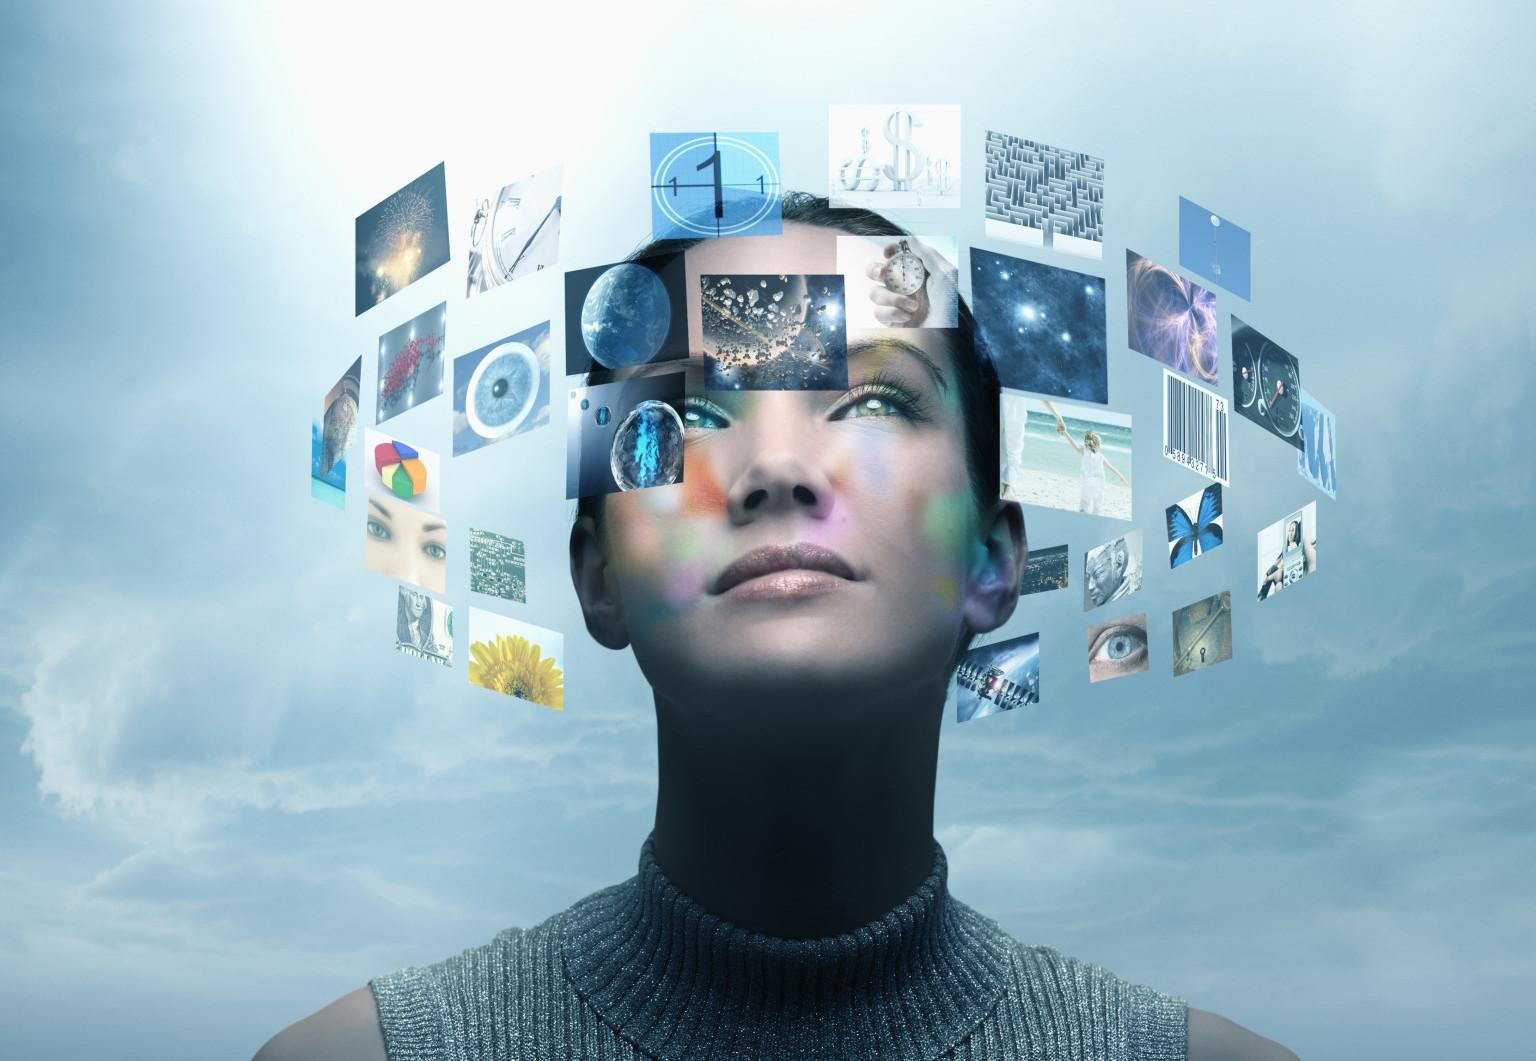 Quelle place pour la femme dans la révolution digitale?